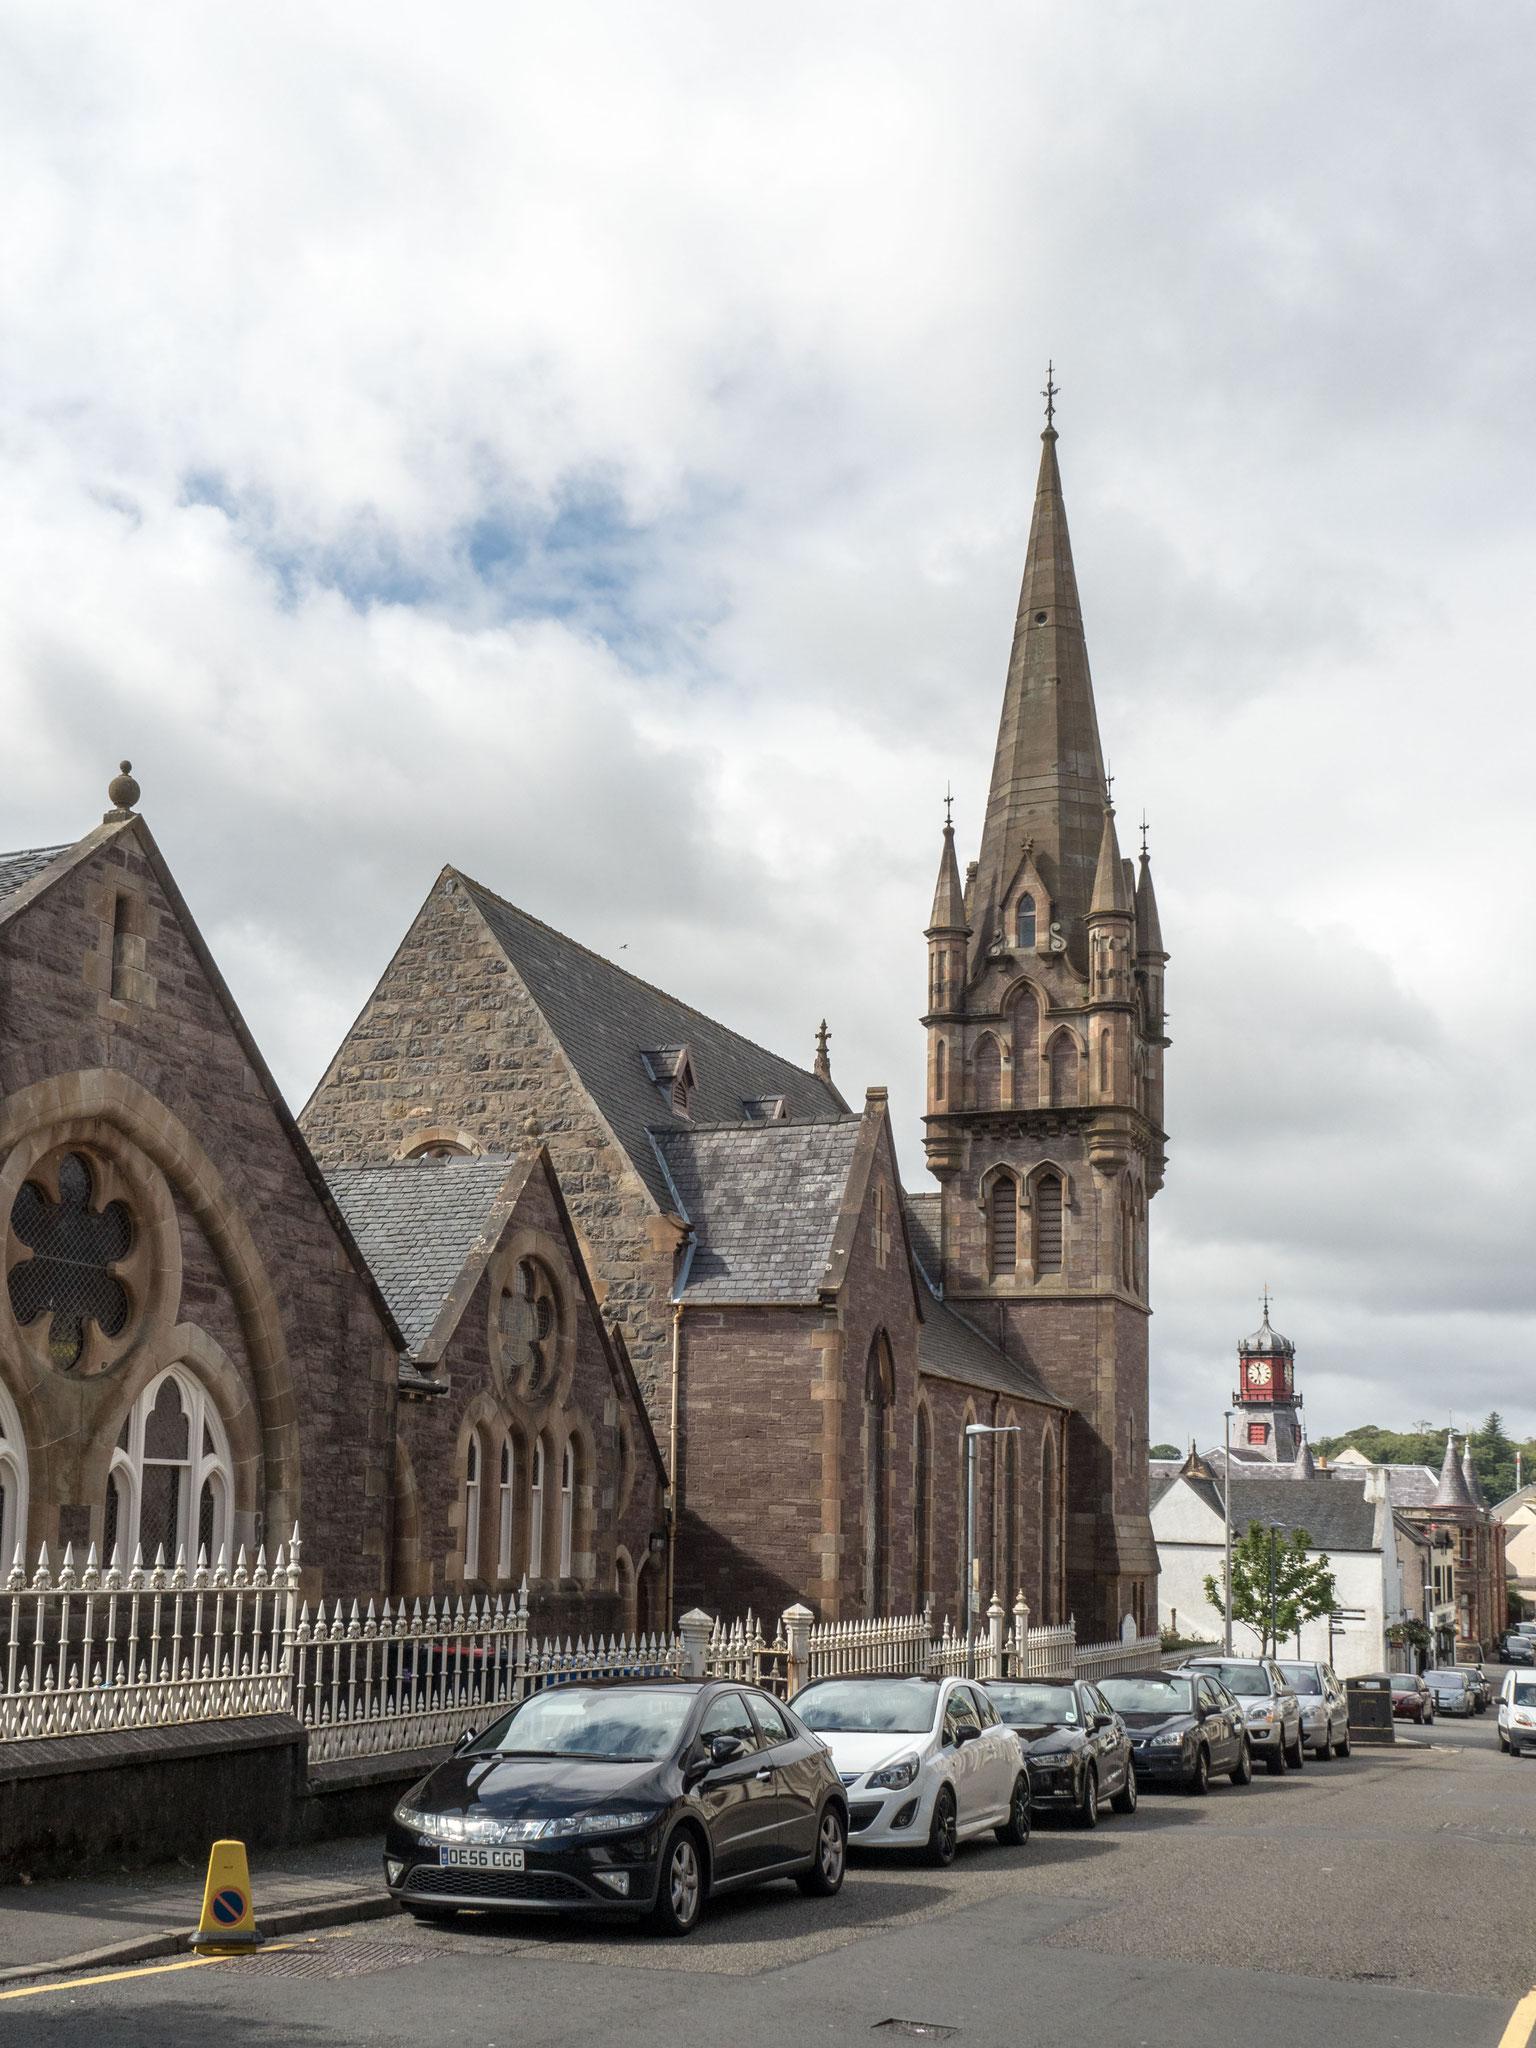 Bild: Stornoway